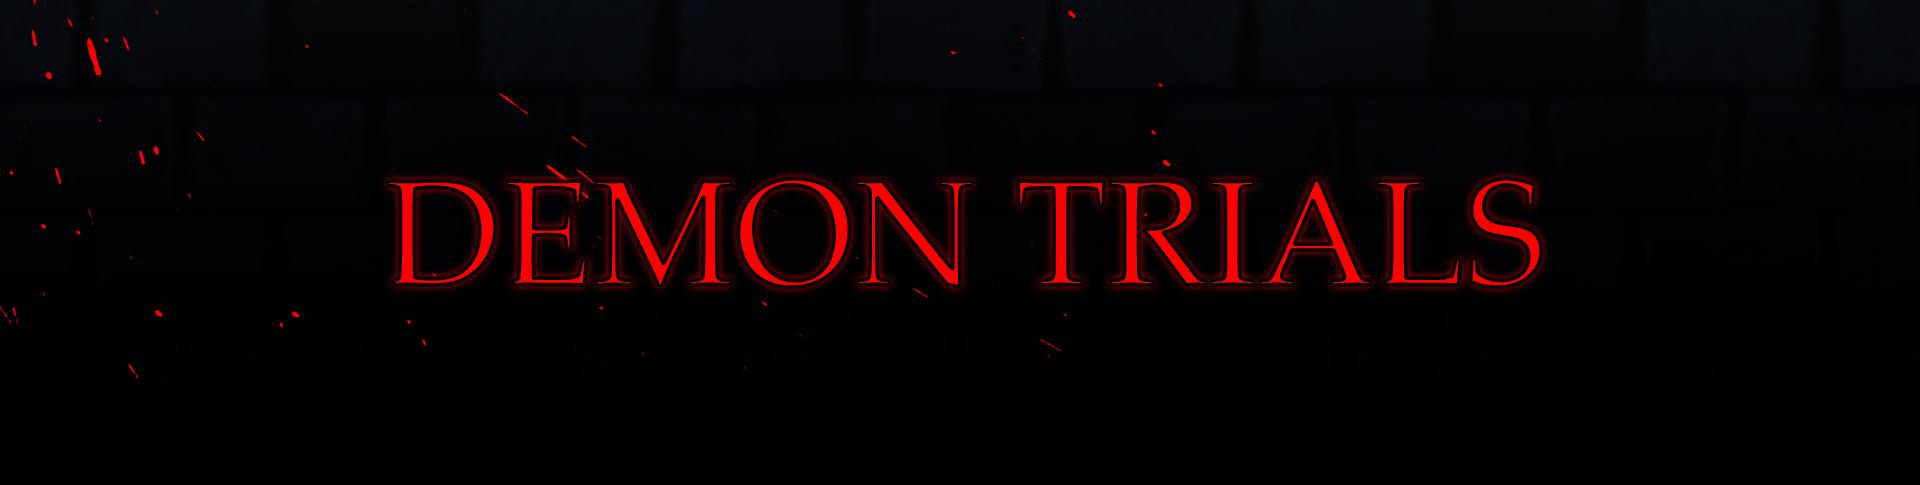 Demon Trials